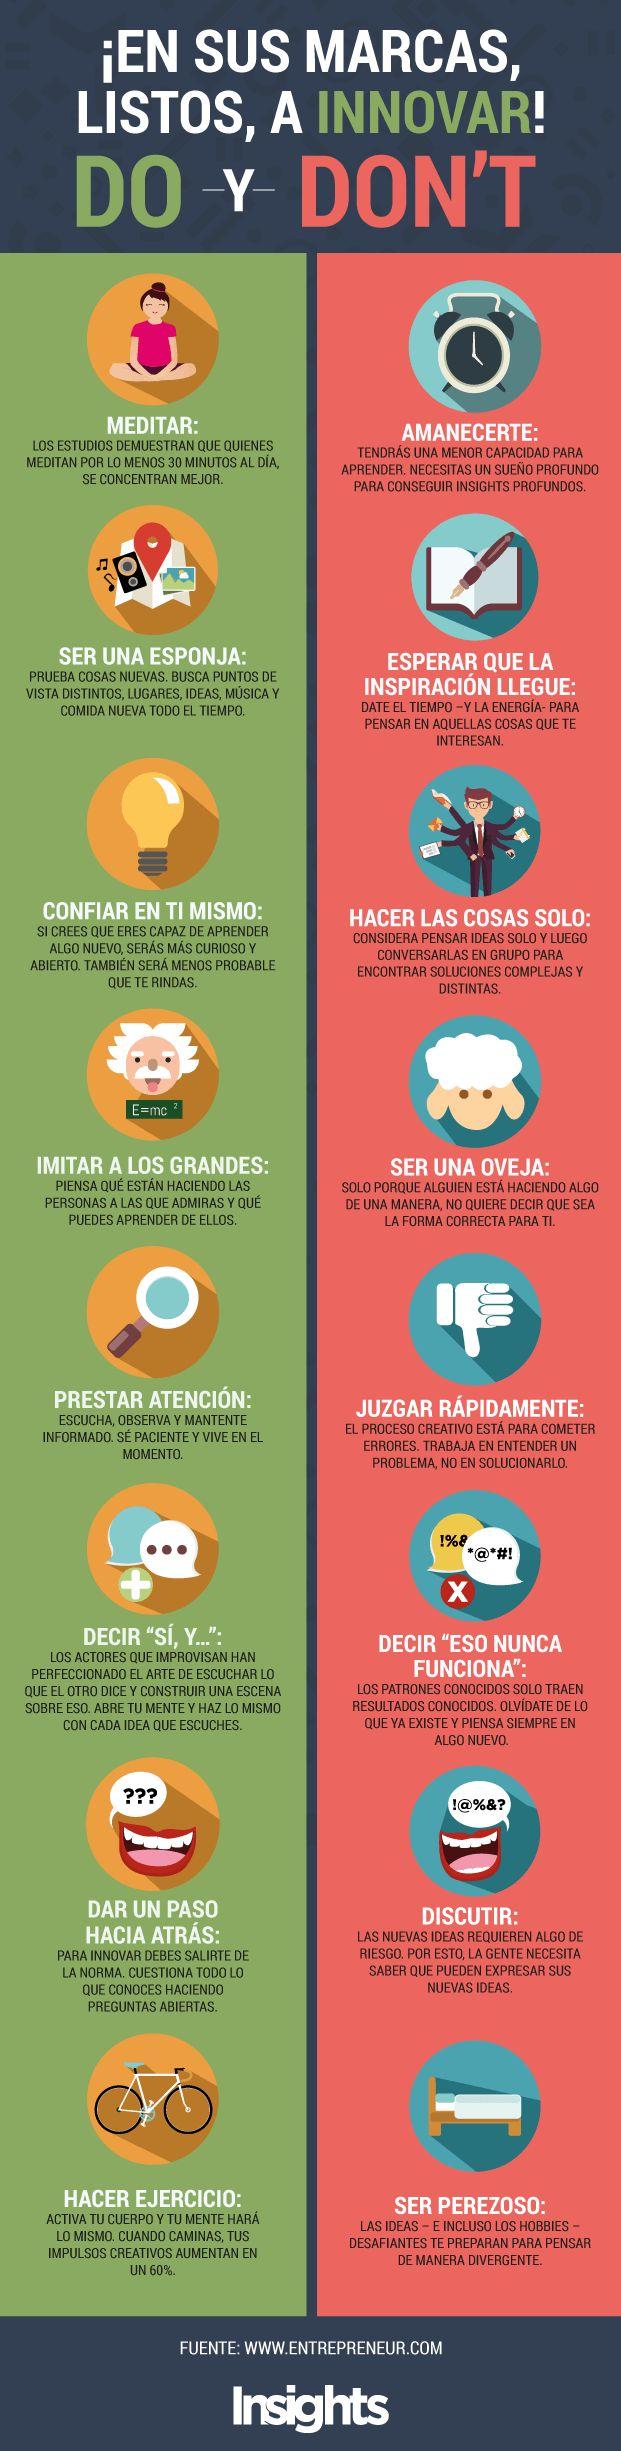 Qué hacer y qué no hacer para innovar #infografia